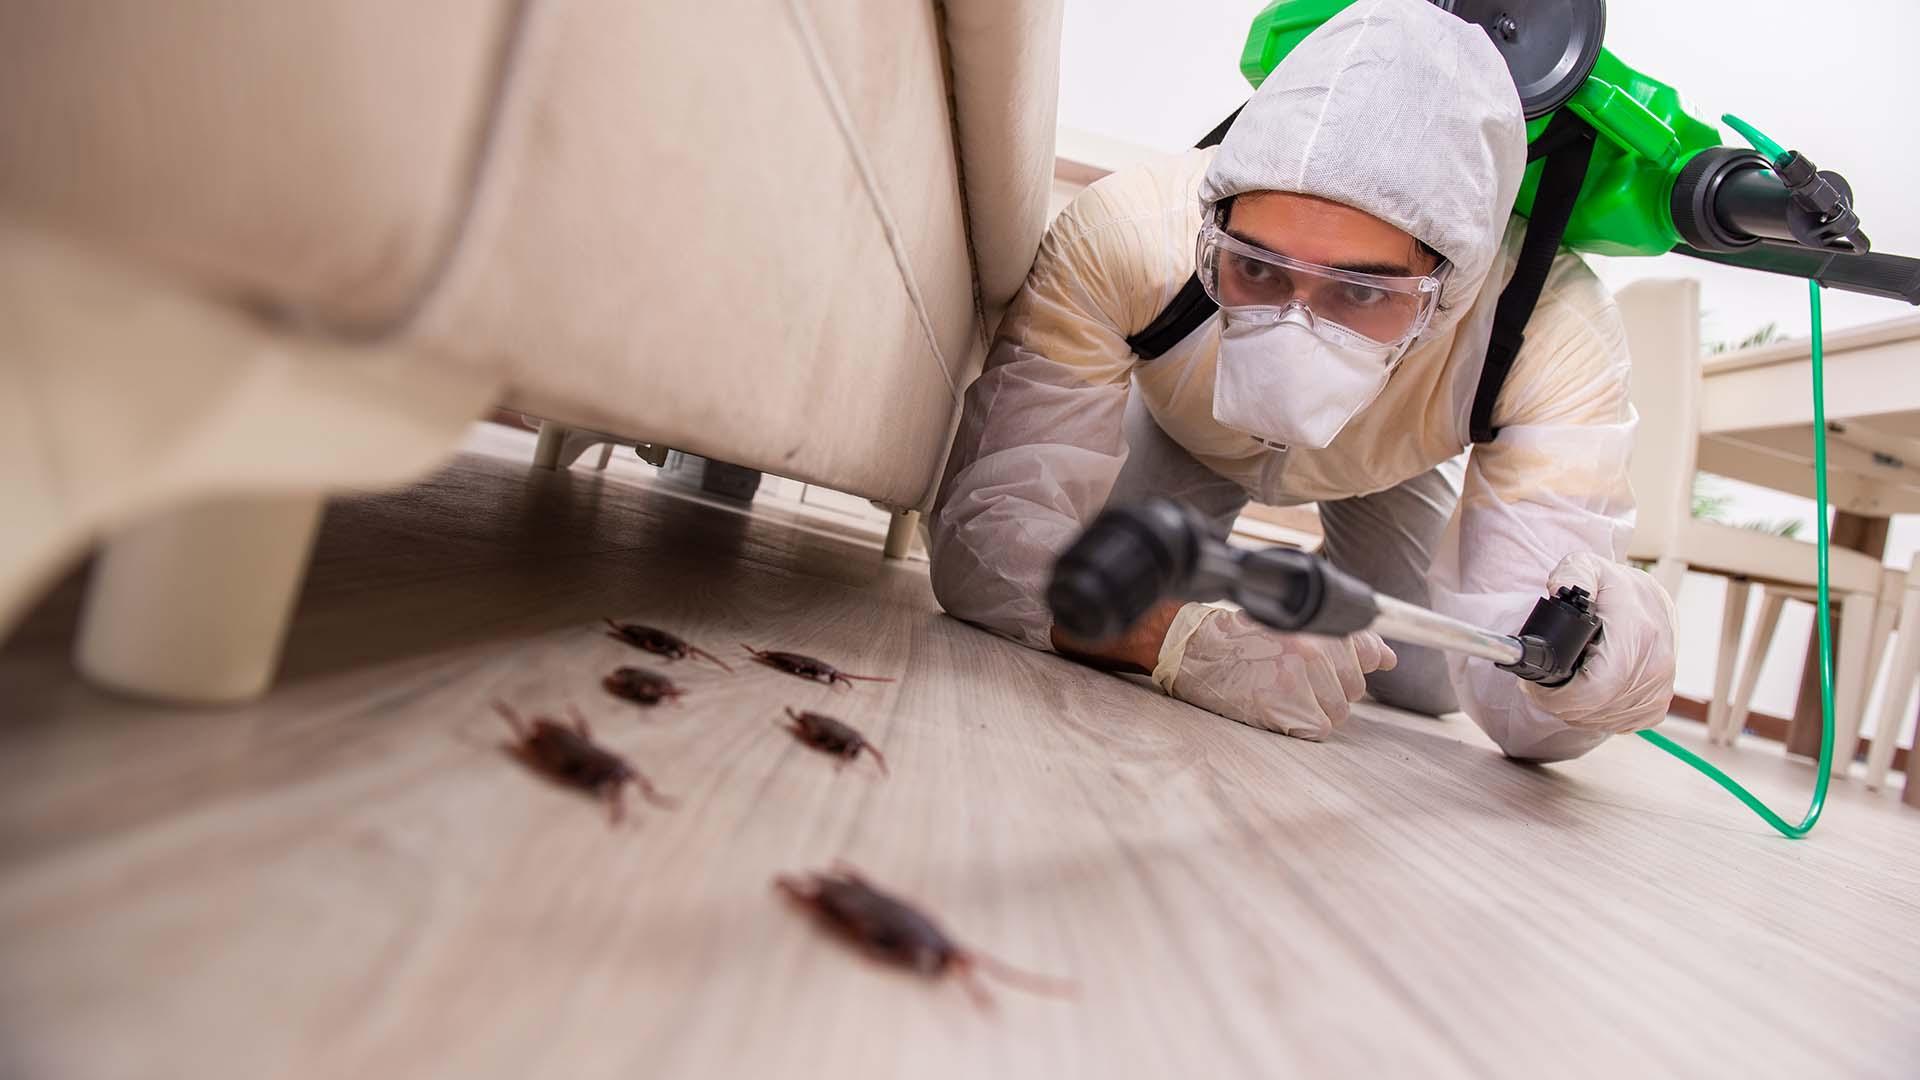 افضل شركة مكافحة حشرات بالرياض – 0508001277